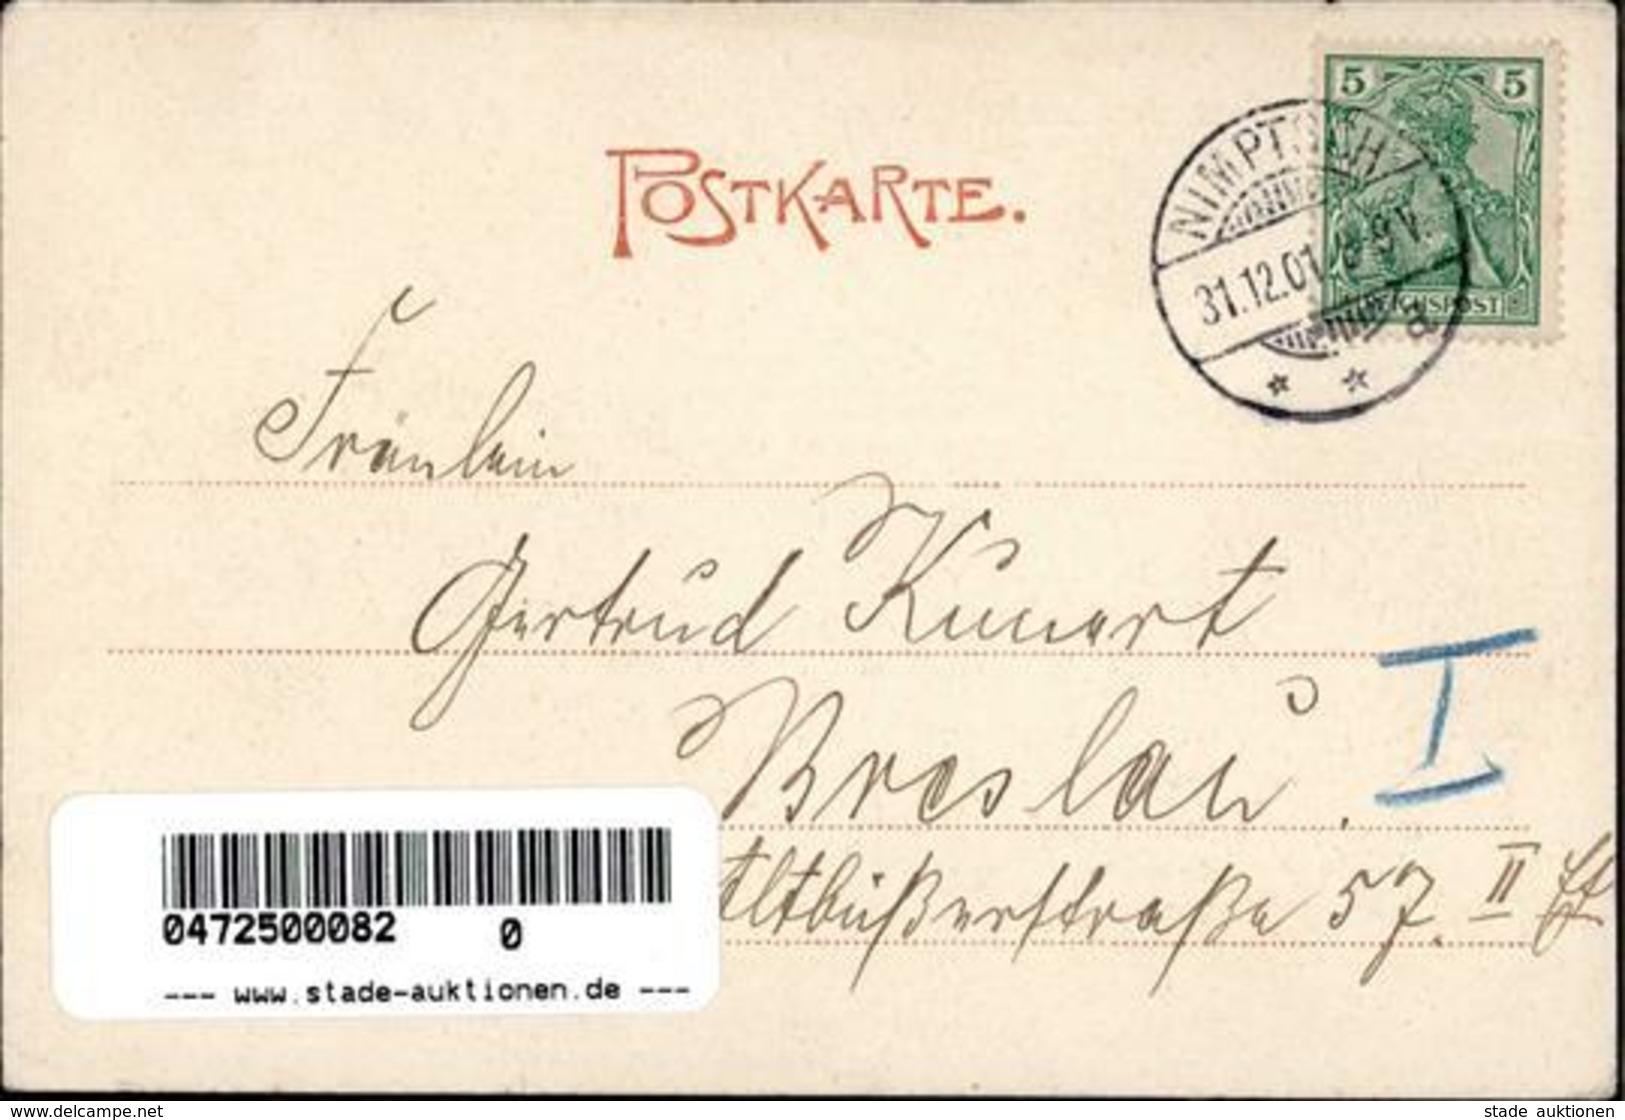 Nimptsch Handlung Joseph Christian 1901 I-II - Weltkrieg 1914-18